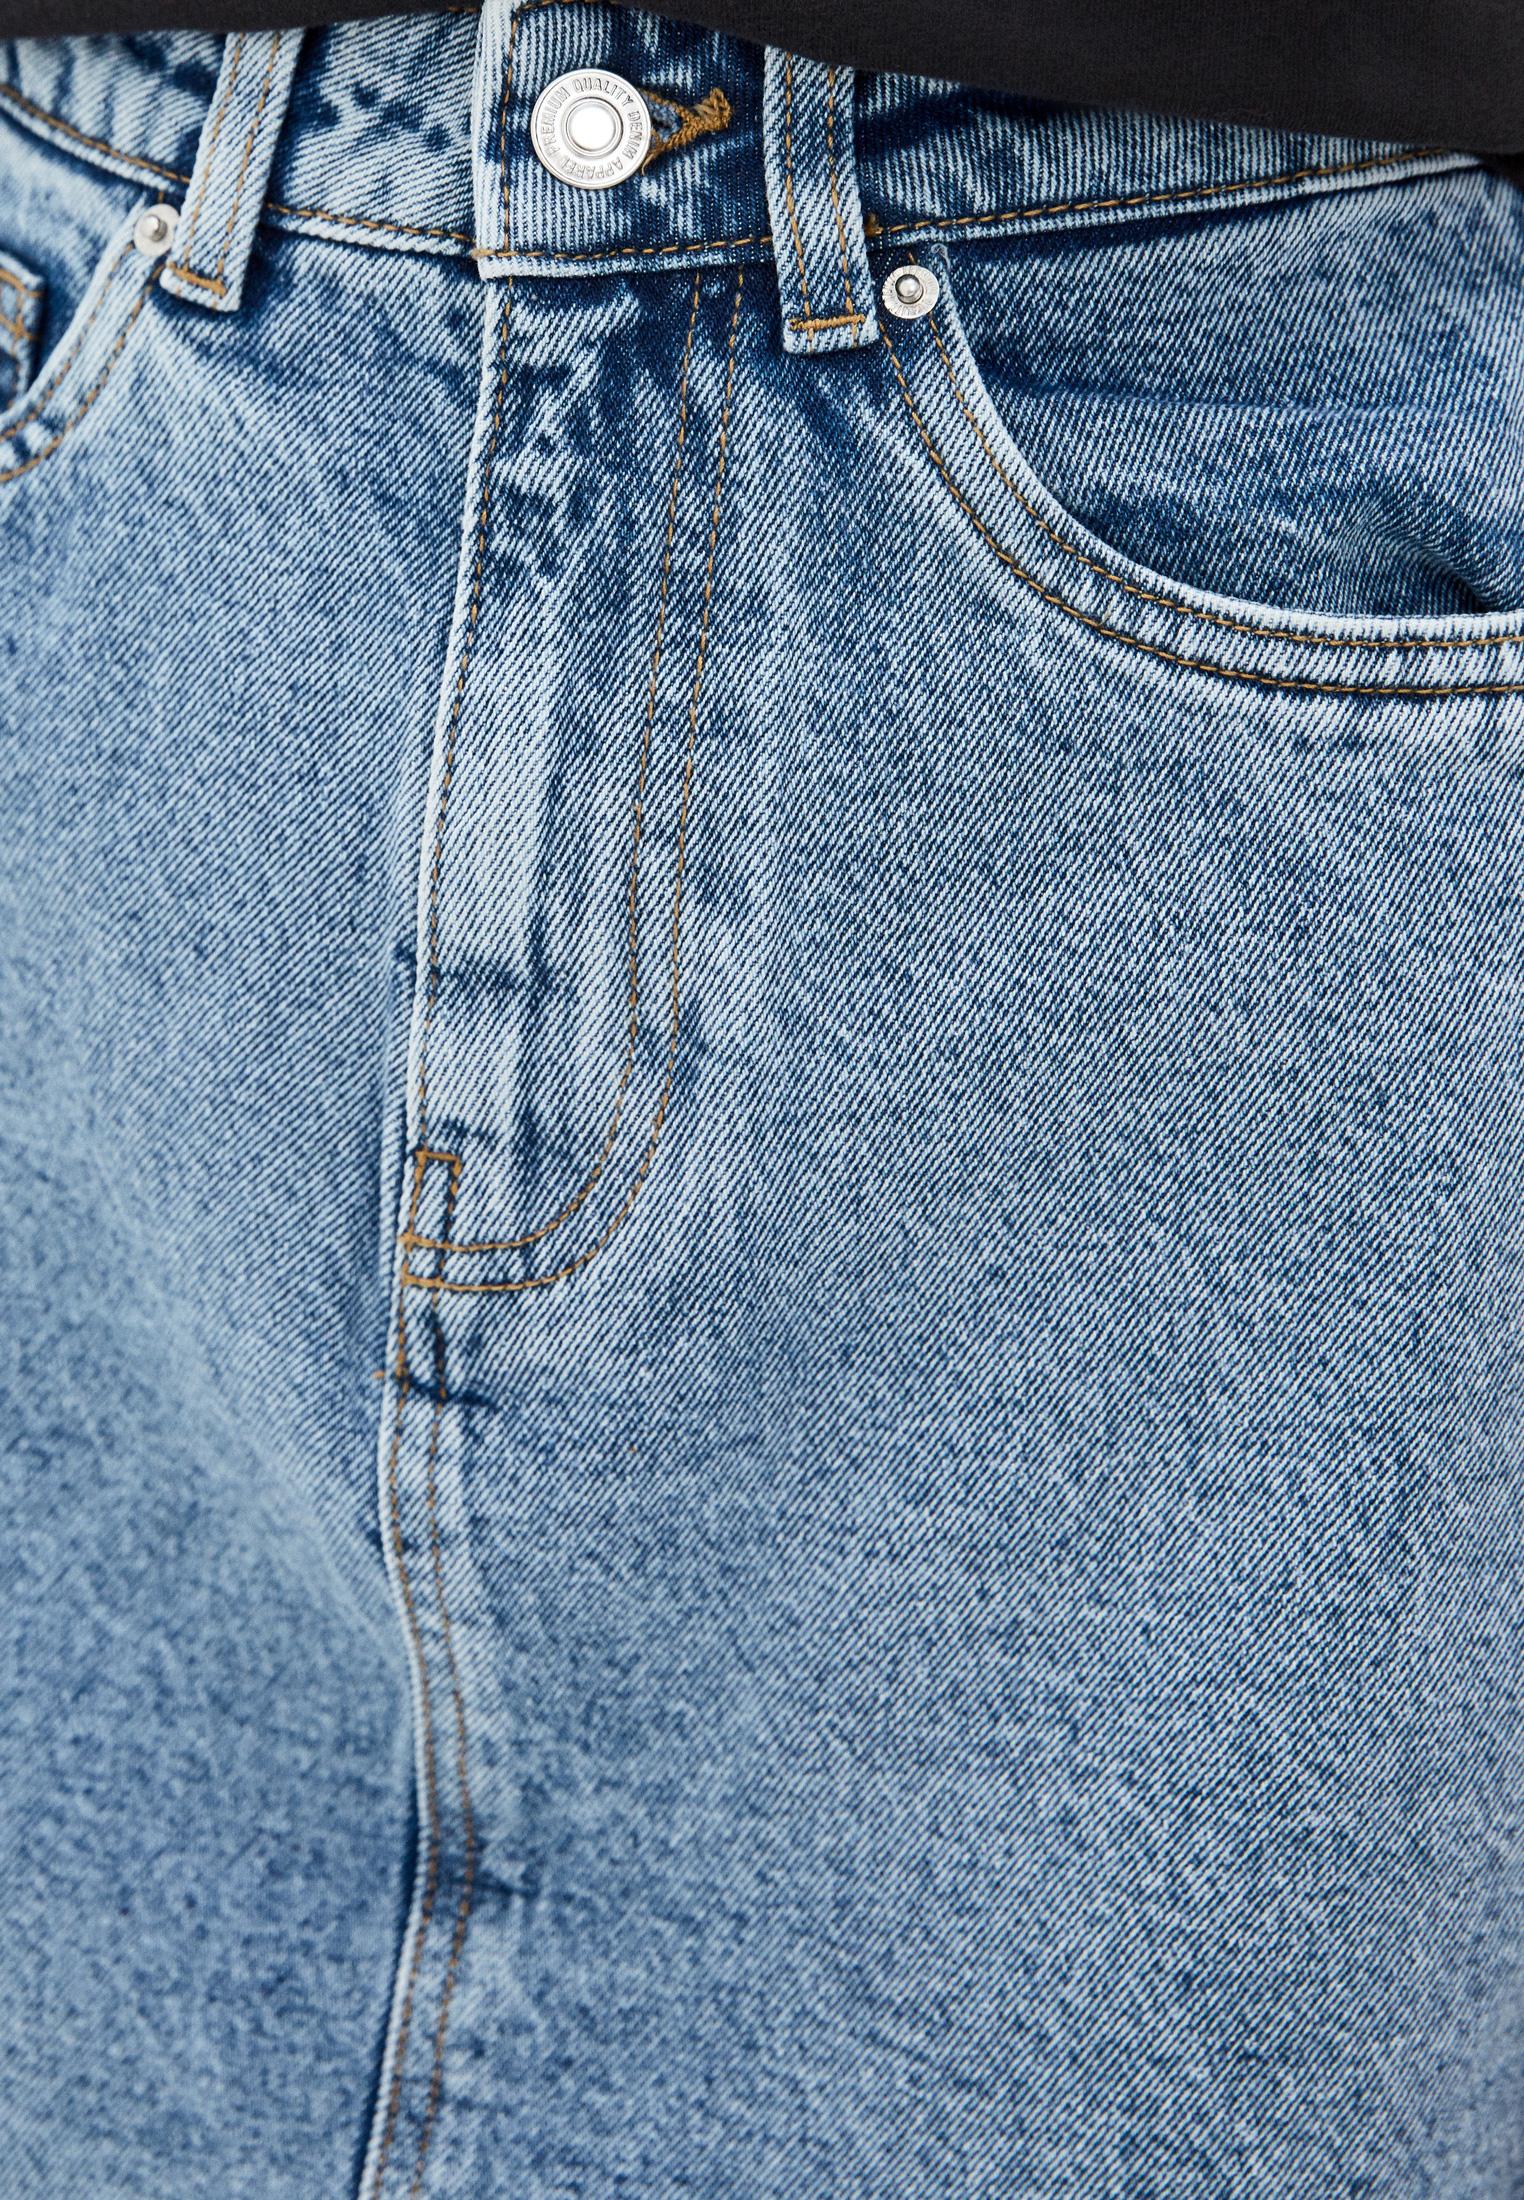 Джинсовая юбка Vero Moda 10226023: изображение 4